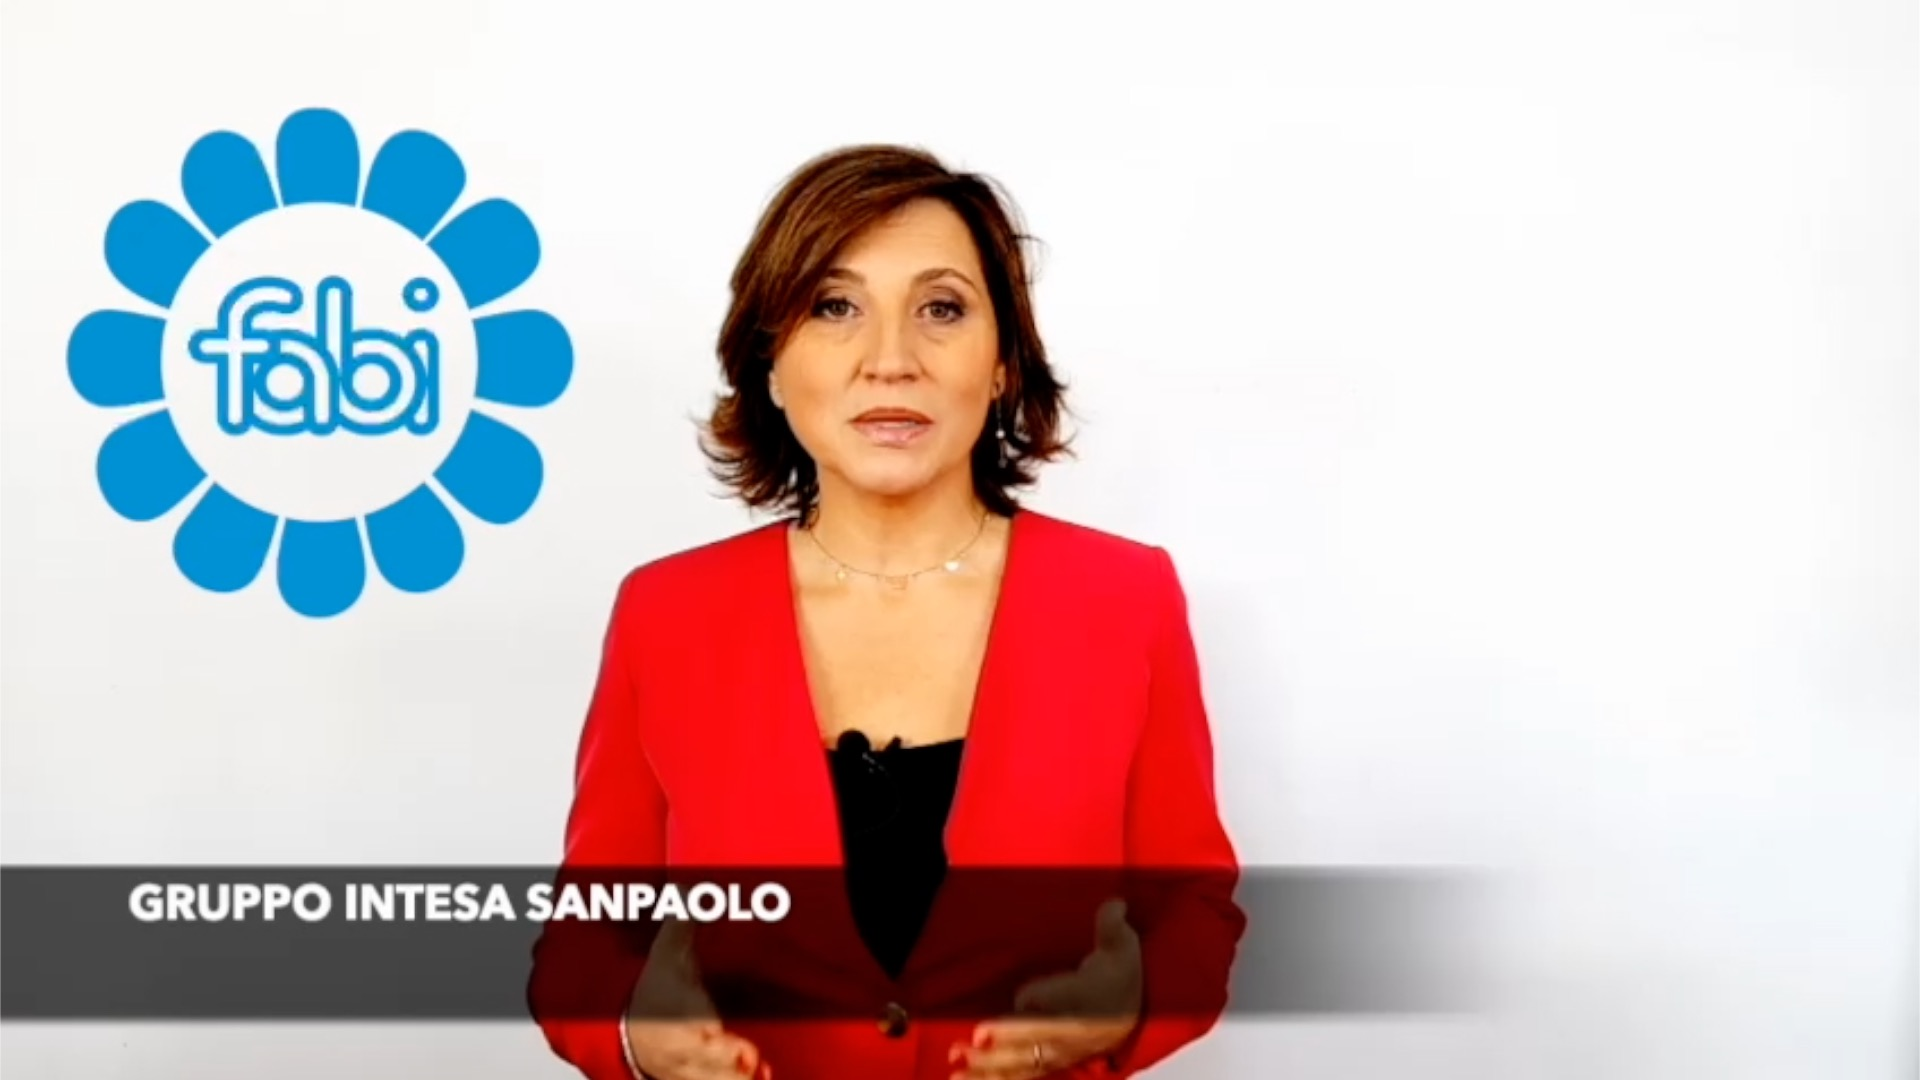 INTESA SANPAOLO - FOCUS ACCORDI: Accordo cessione a BPER del ramo d'azienda UBI, UBIS e INTESA SANPAOLO